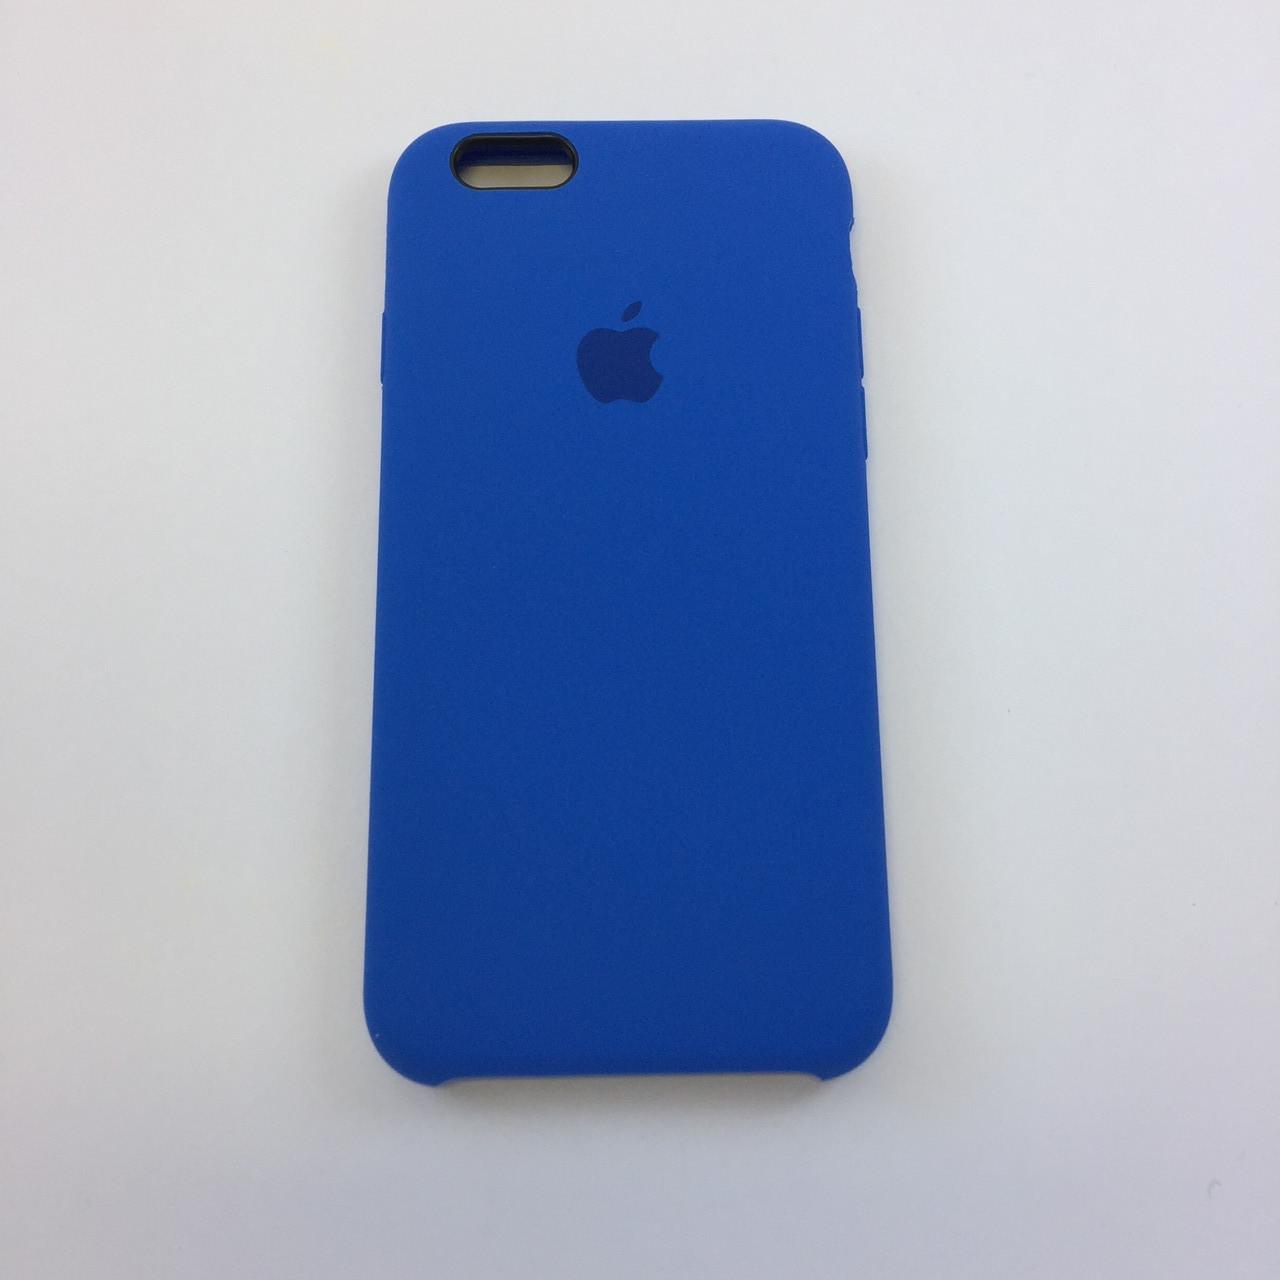 Силиконовый чехол для iPhone 5/5s/SE, - «небесно синий» - copy original